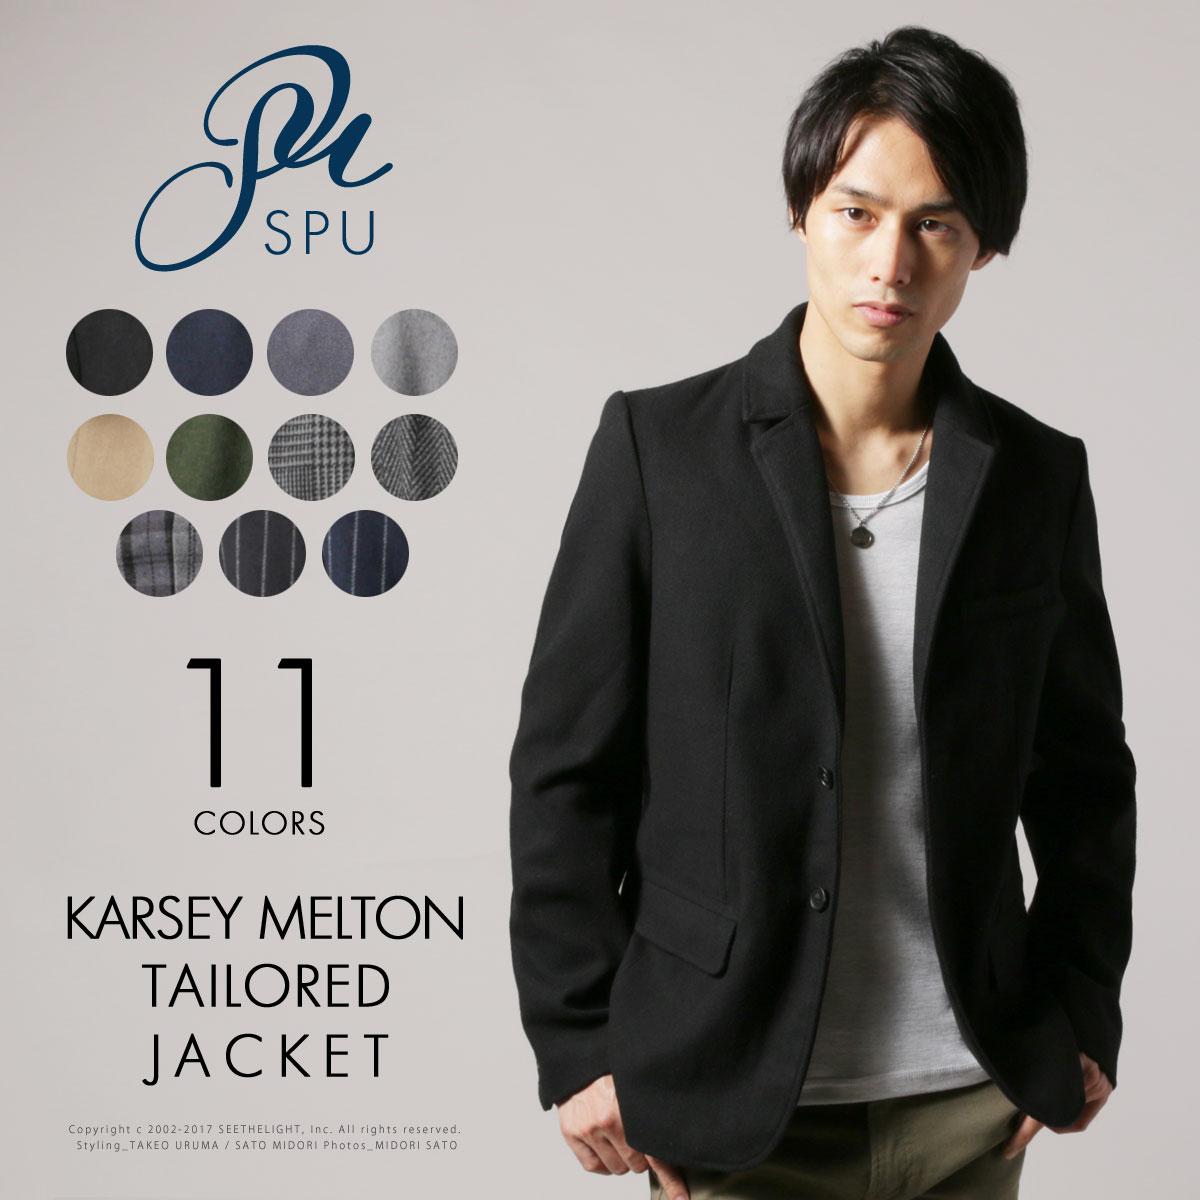 【セール対象】メンズ ジャケット メンズファッション TR素材 カルゼ メルトン テーラード チェック ストライプ ヘリンボーン グレンチェック ジャケット SPU スプ